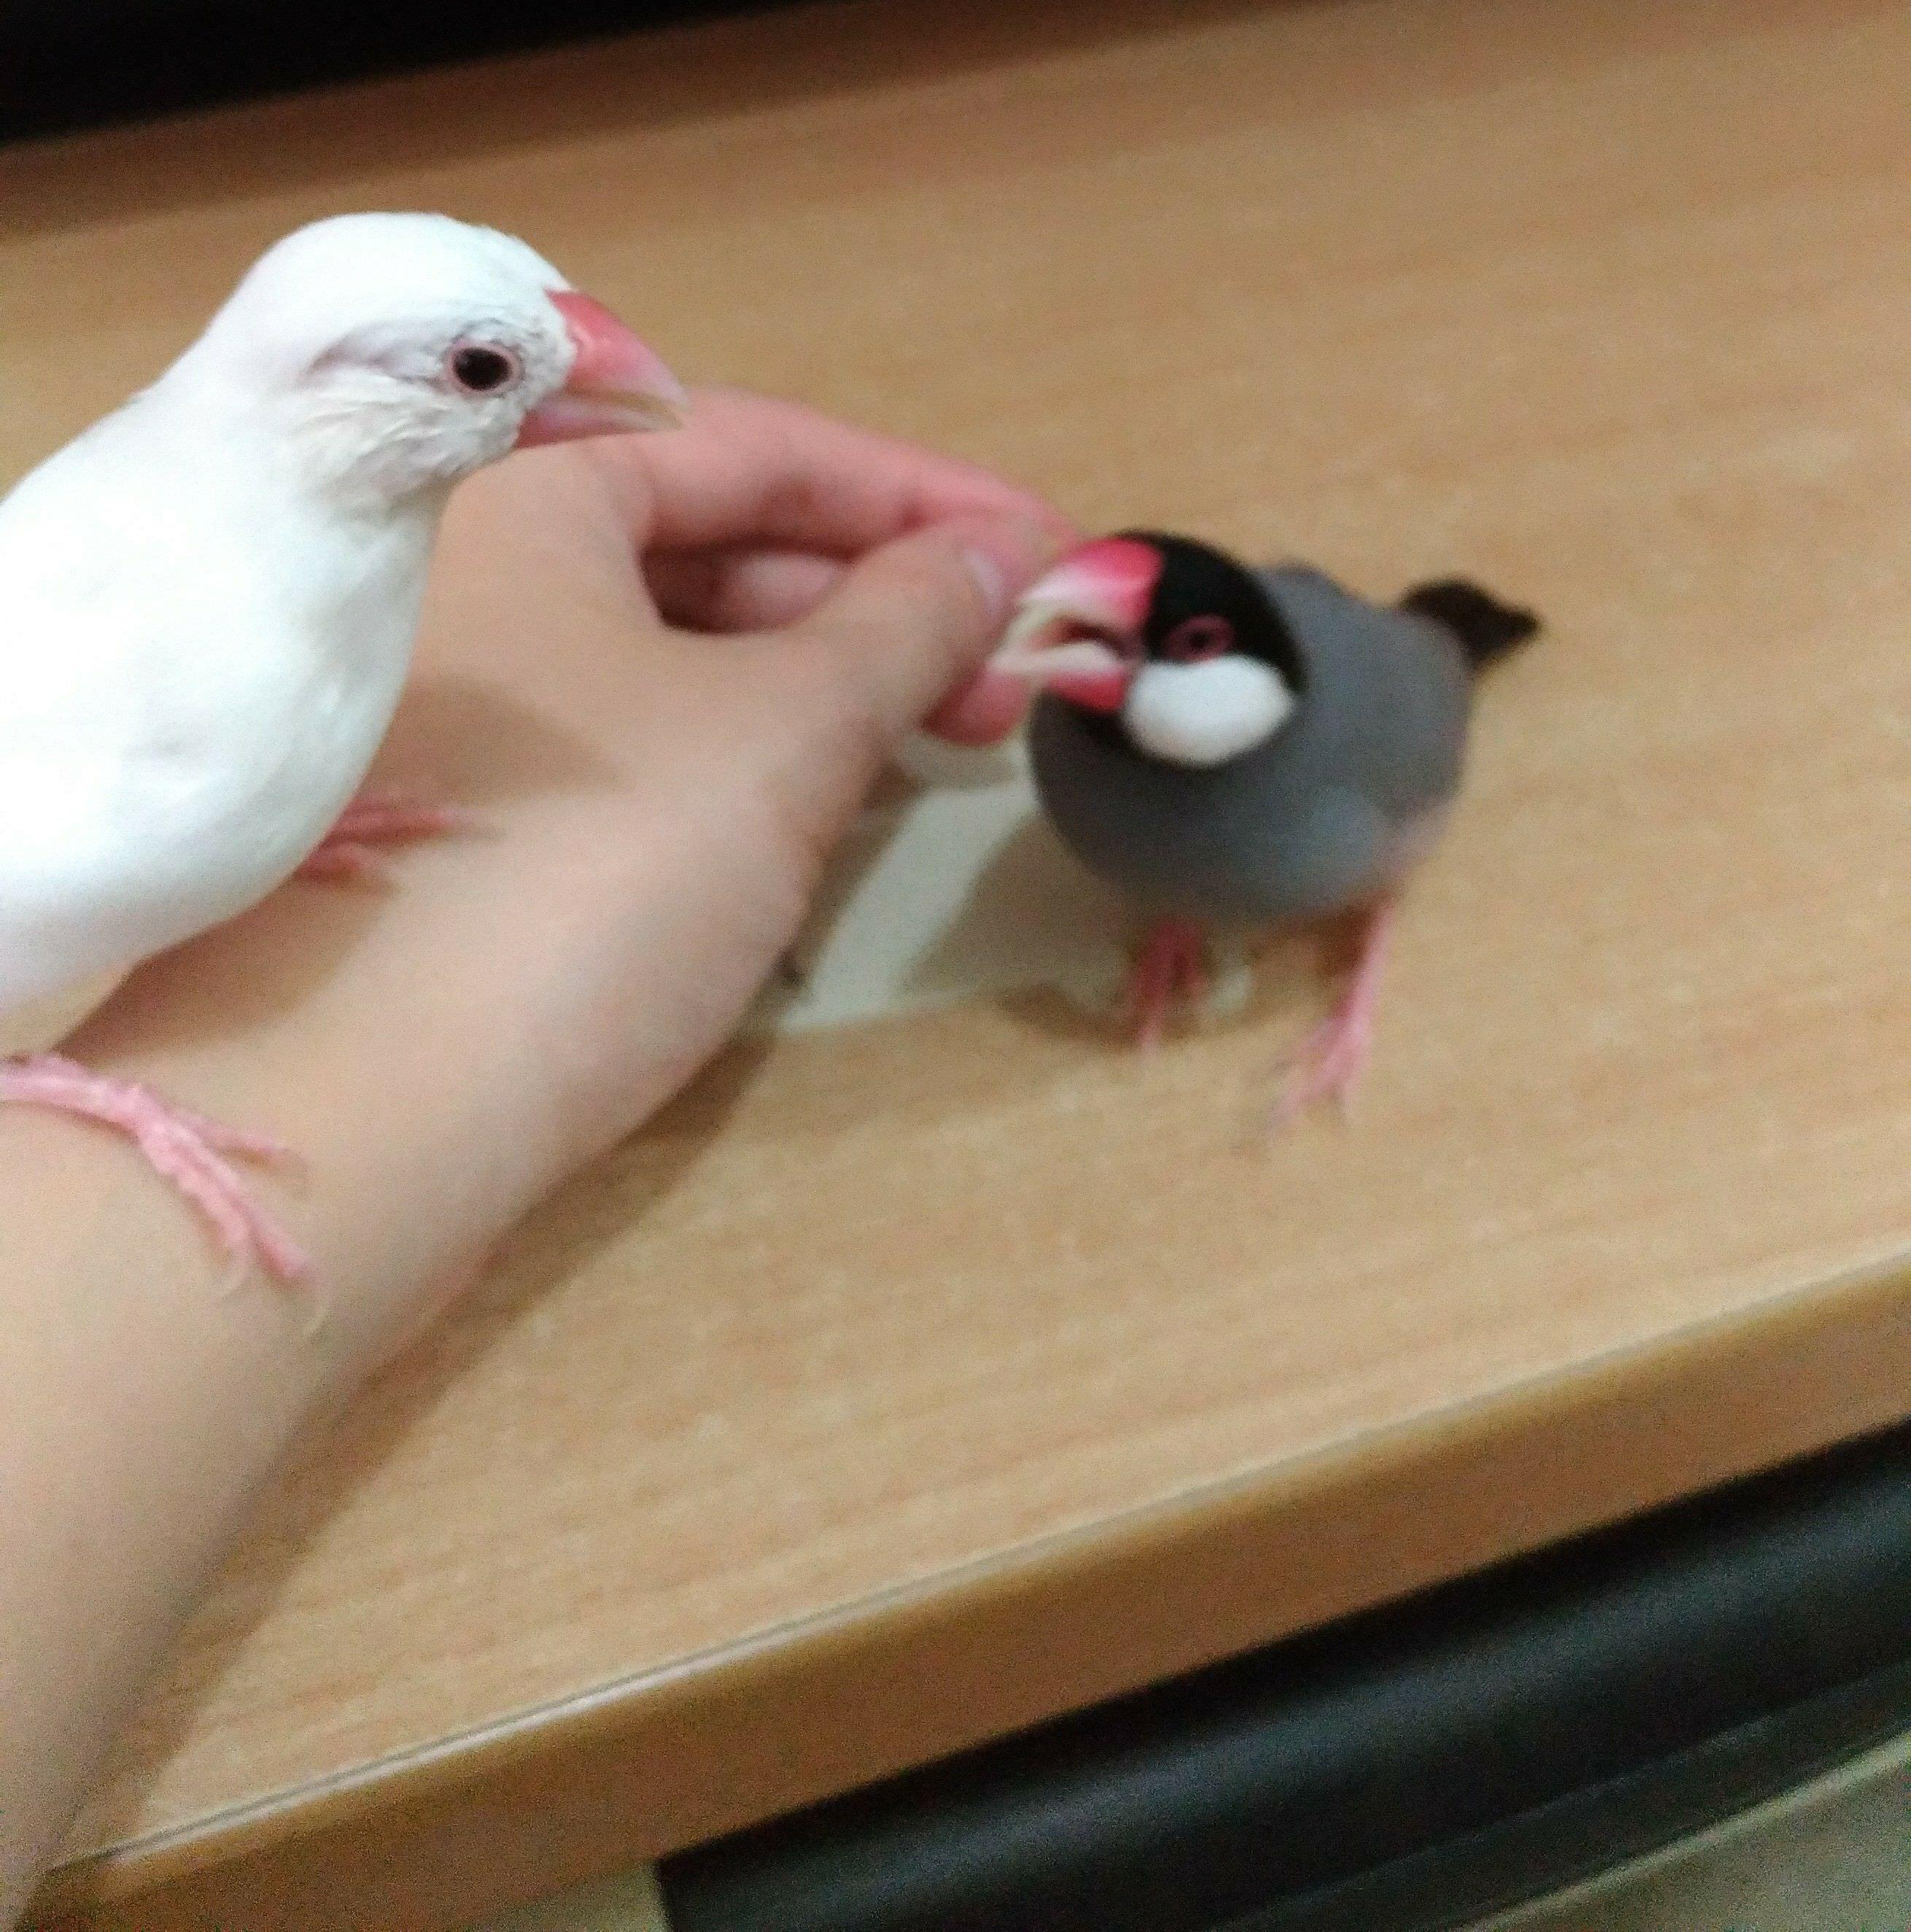 #鳥醫院#新竹地區 鳥類動物醫院分享 - 寵物板 | Dcard